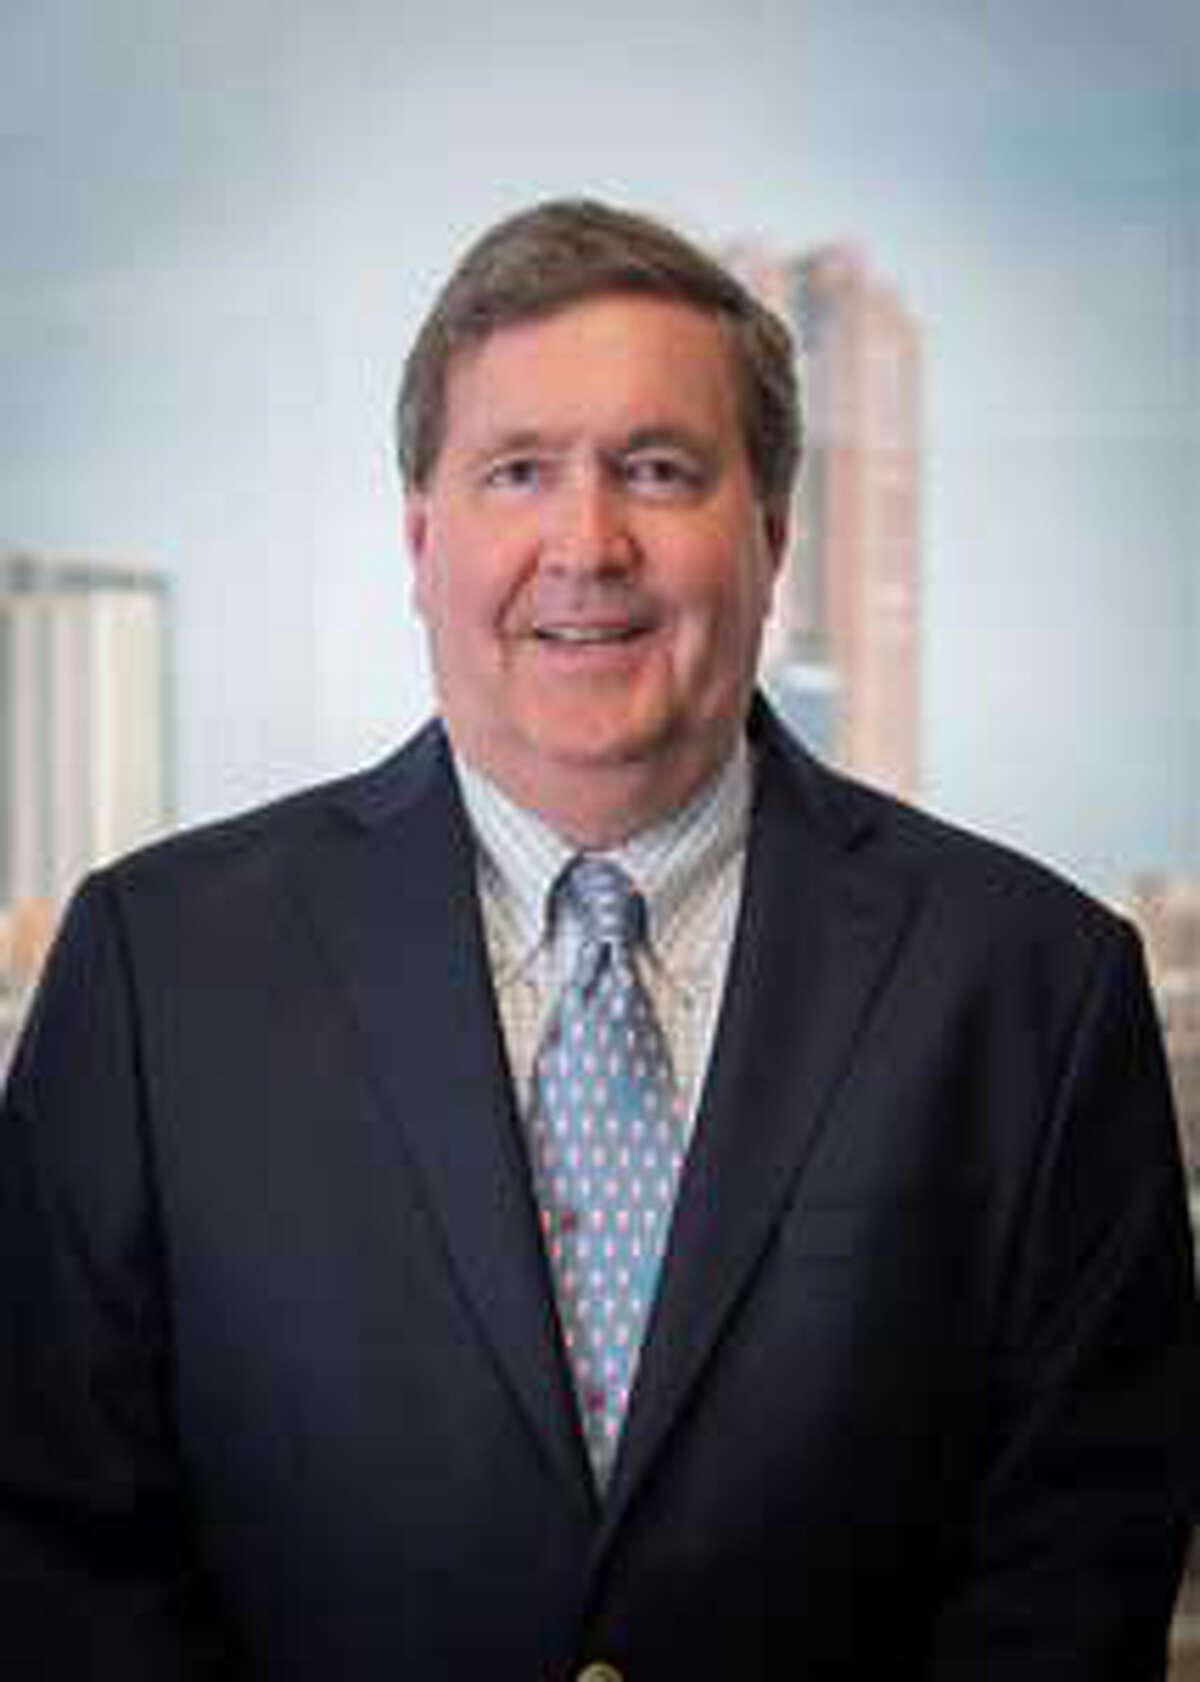 David Hopson, a partner in PetroCap LLC.